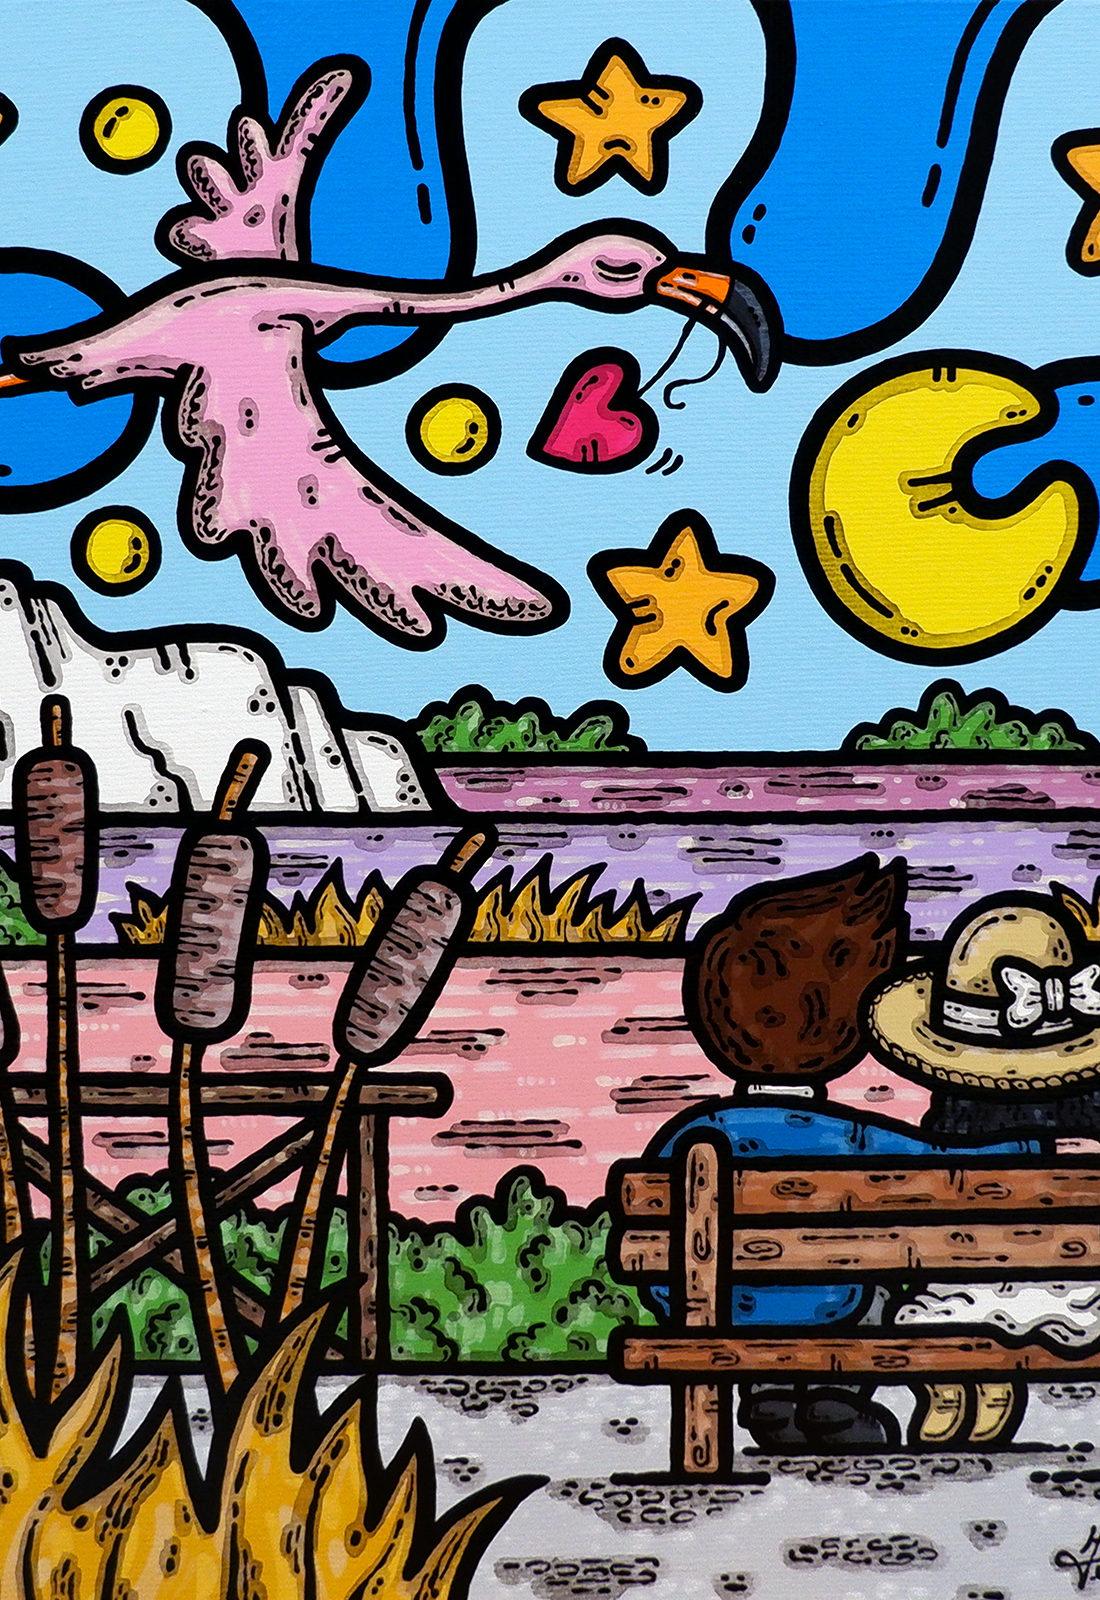 acrilico su tela, dipinto, opera d'arte, contornismo metafisico, art, francesco ferrulli, pittore, italiano, artista, italian artist, arte contemporanea, quadro, colori, paesaggio pugliese, saline, margherita di savoia, puglia, fenicottero, fidanzati, colori, bacini sotto le stelle.